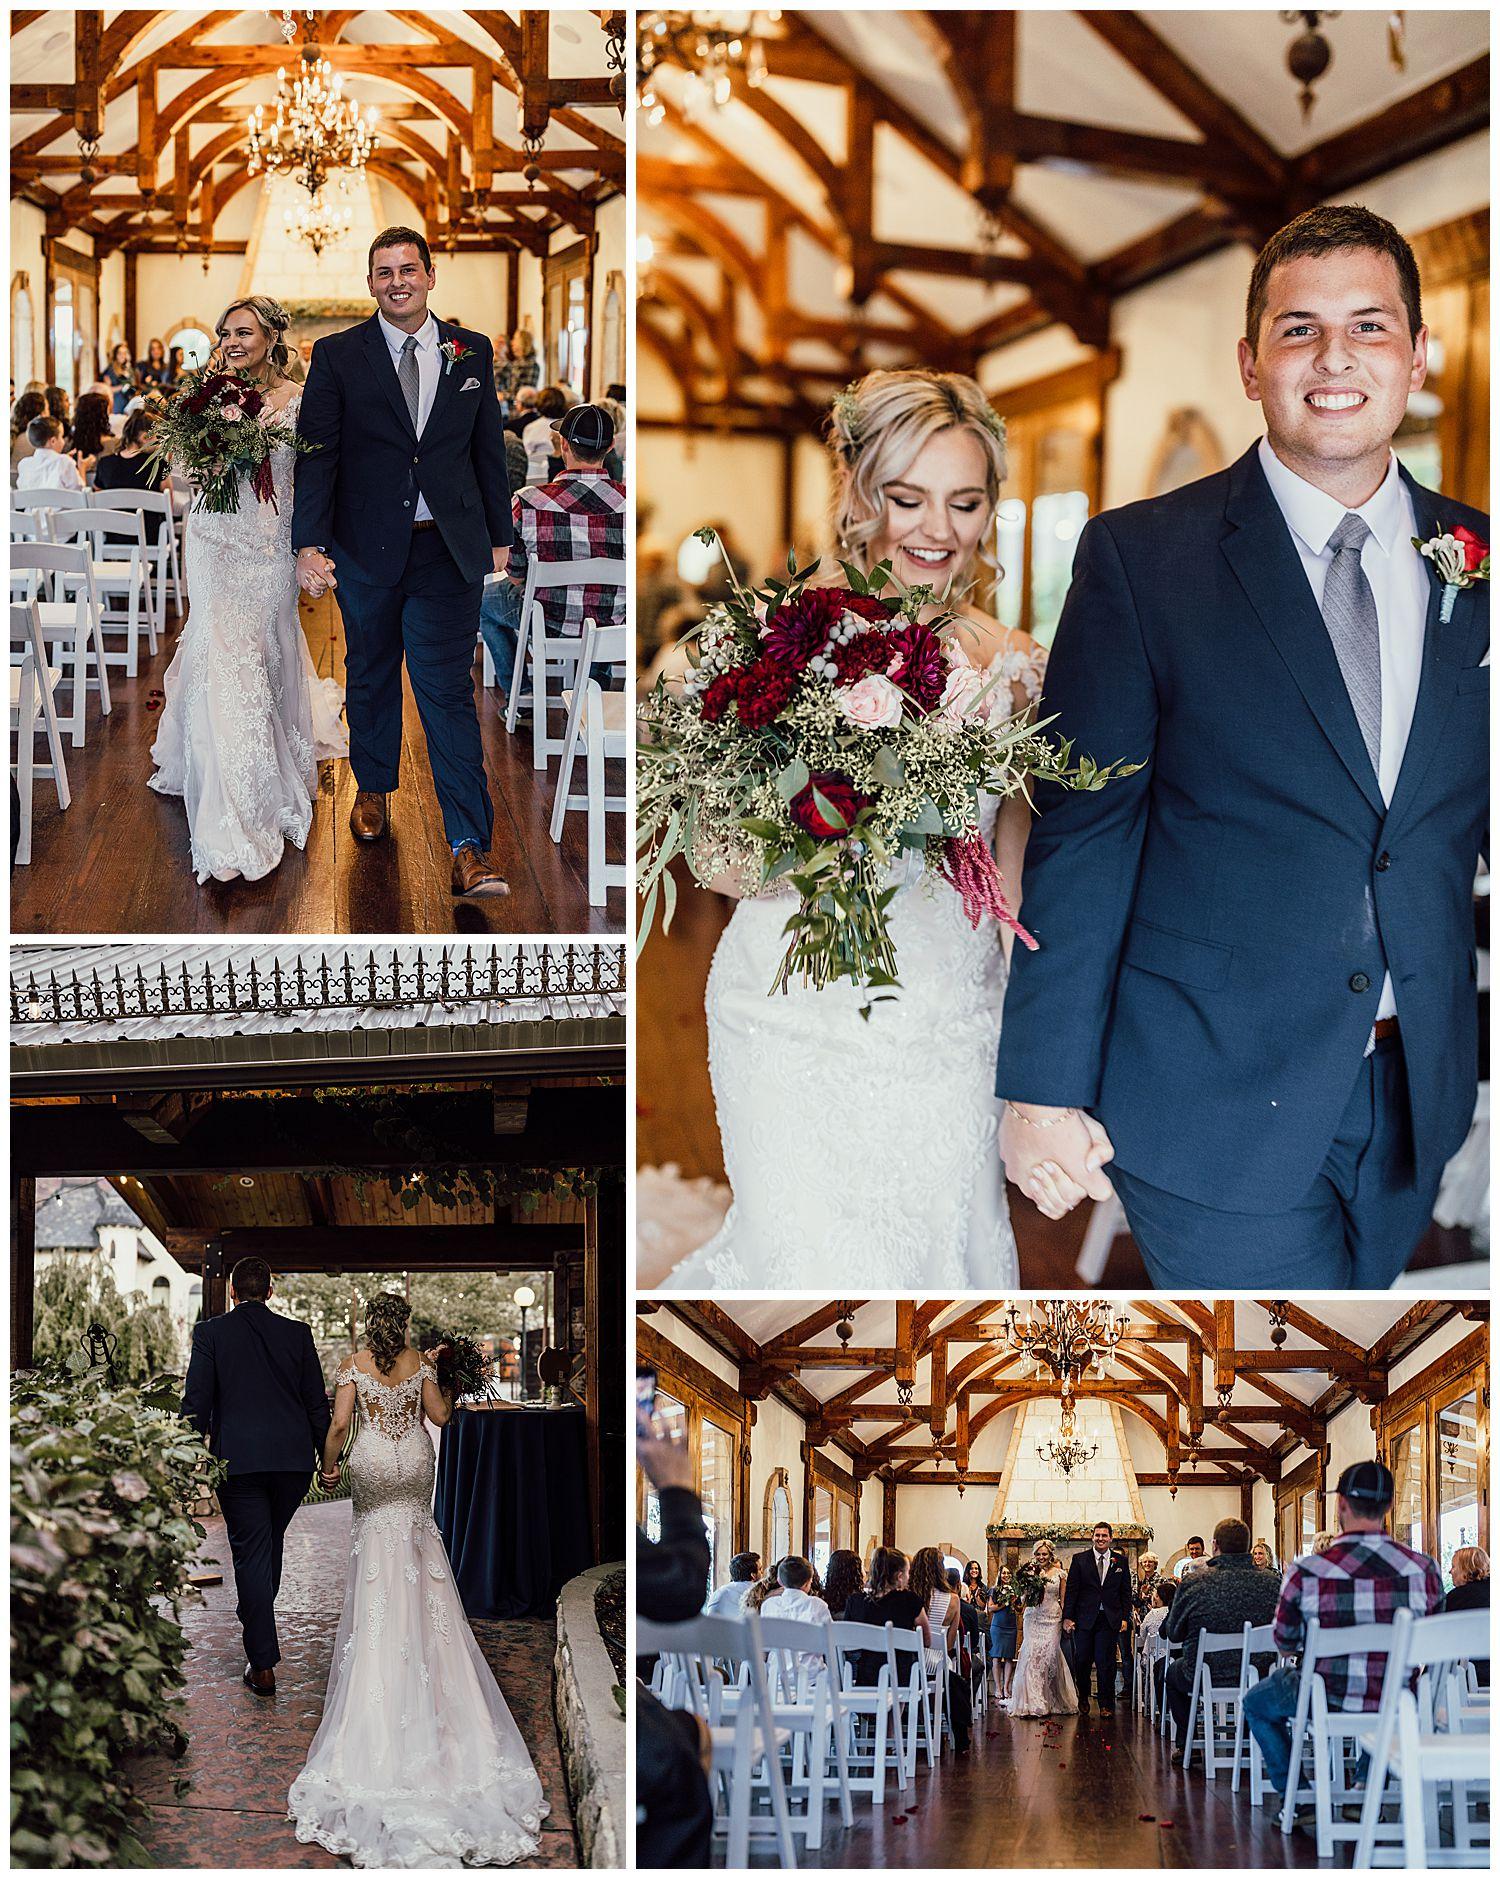 Wadley-Farms-Wedding-16.jpg